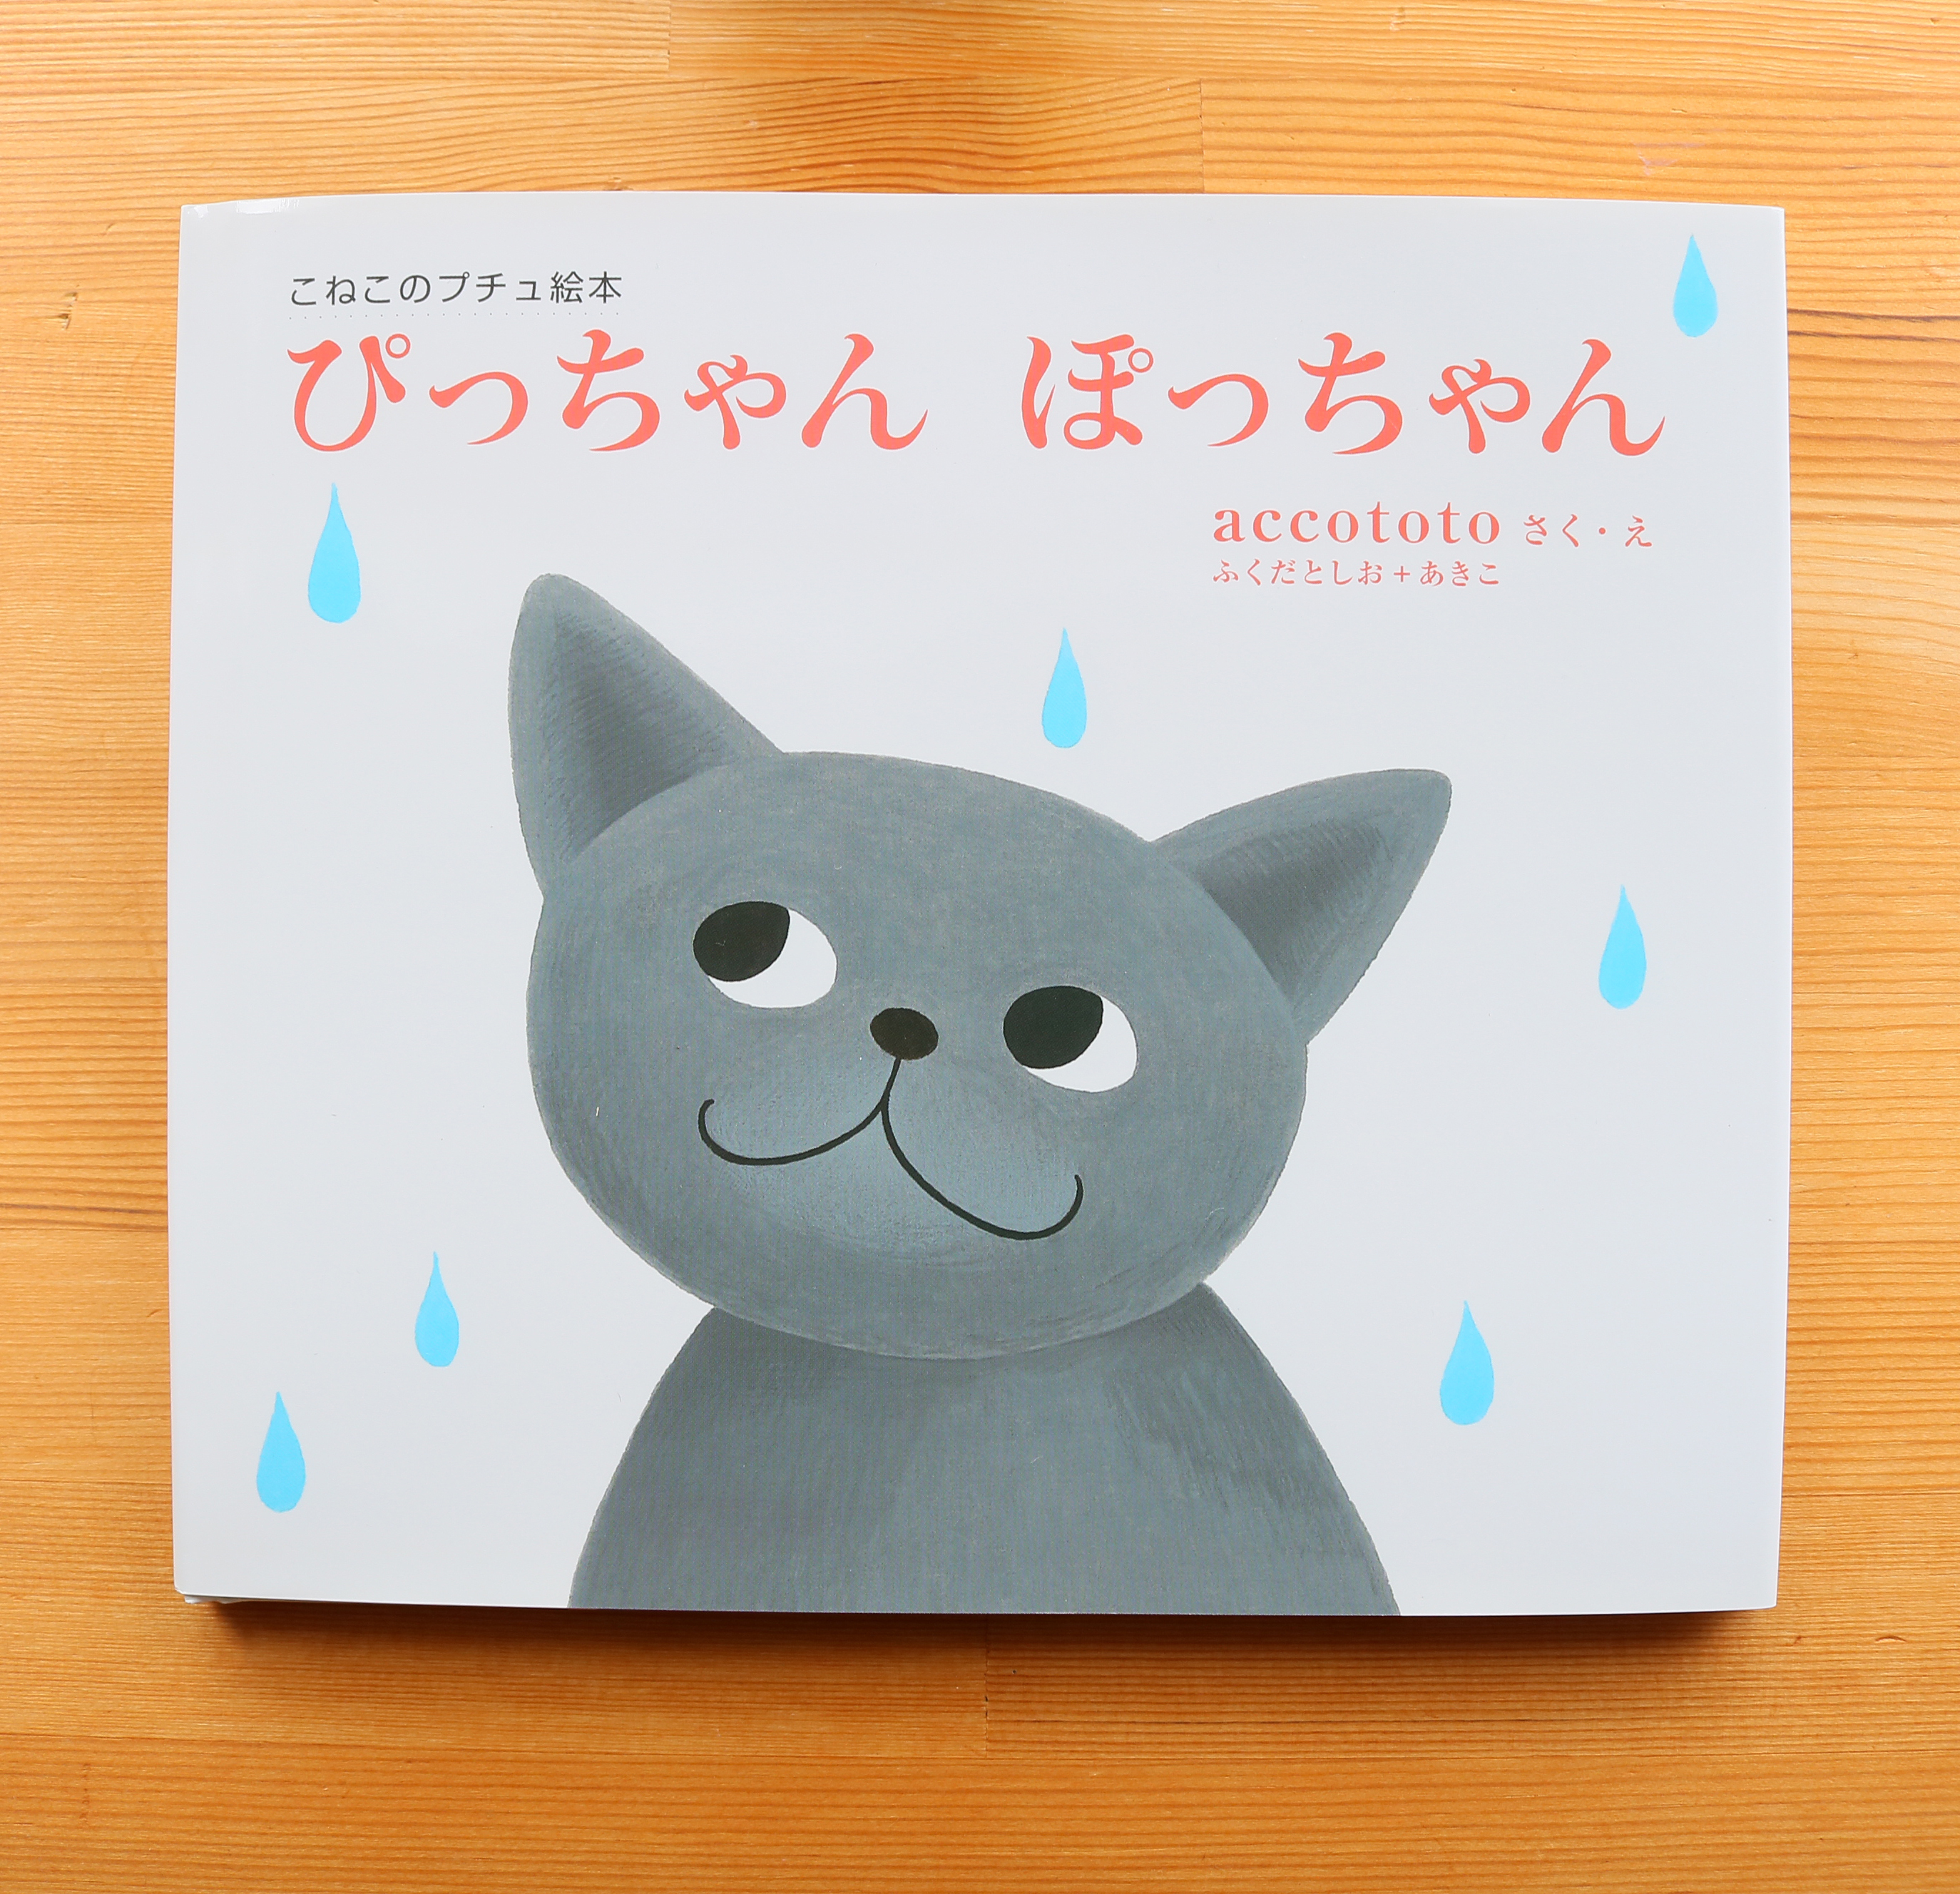 ぴっちゃんぽっちゃん 秋田 かぎしっぽ 猫絵本 絵本